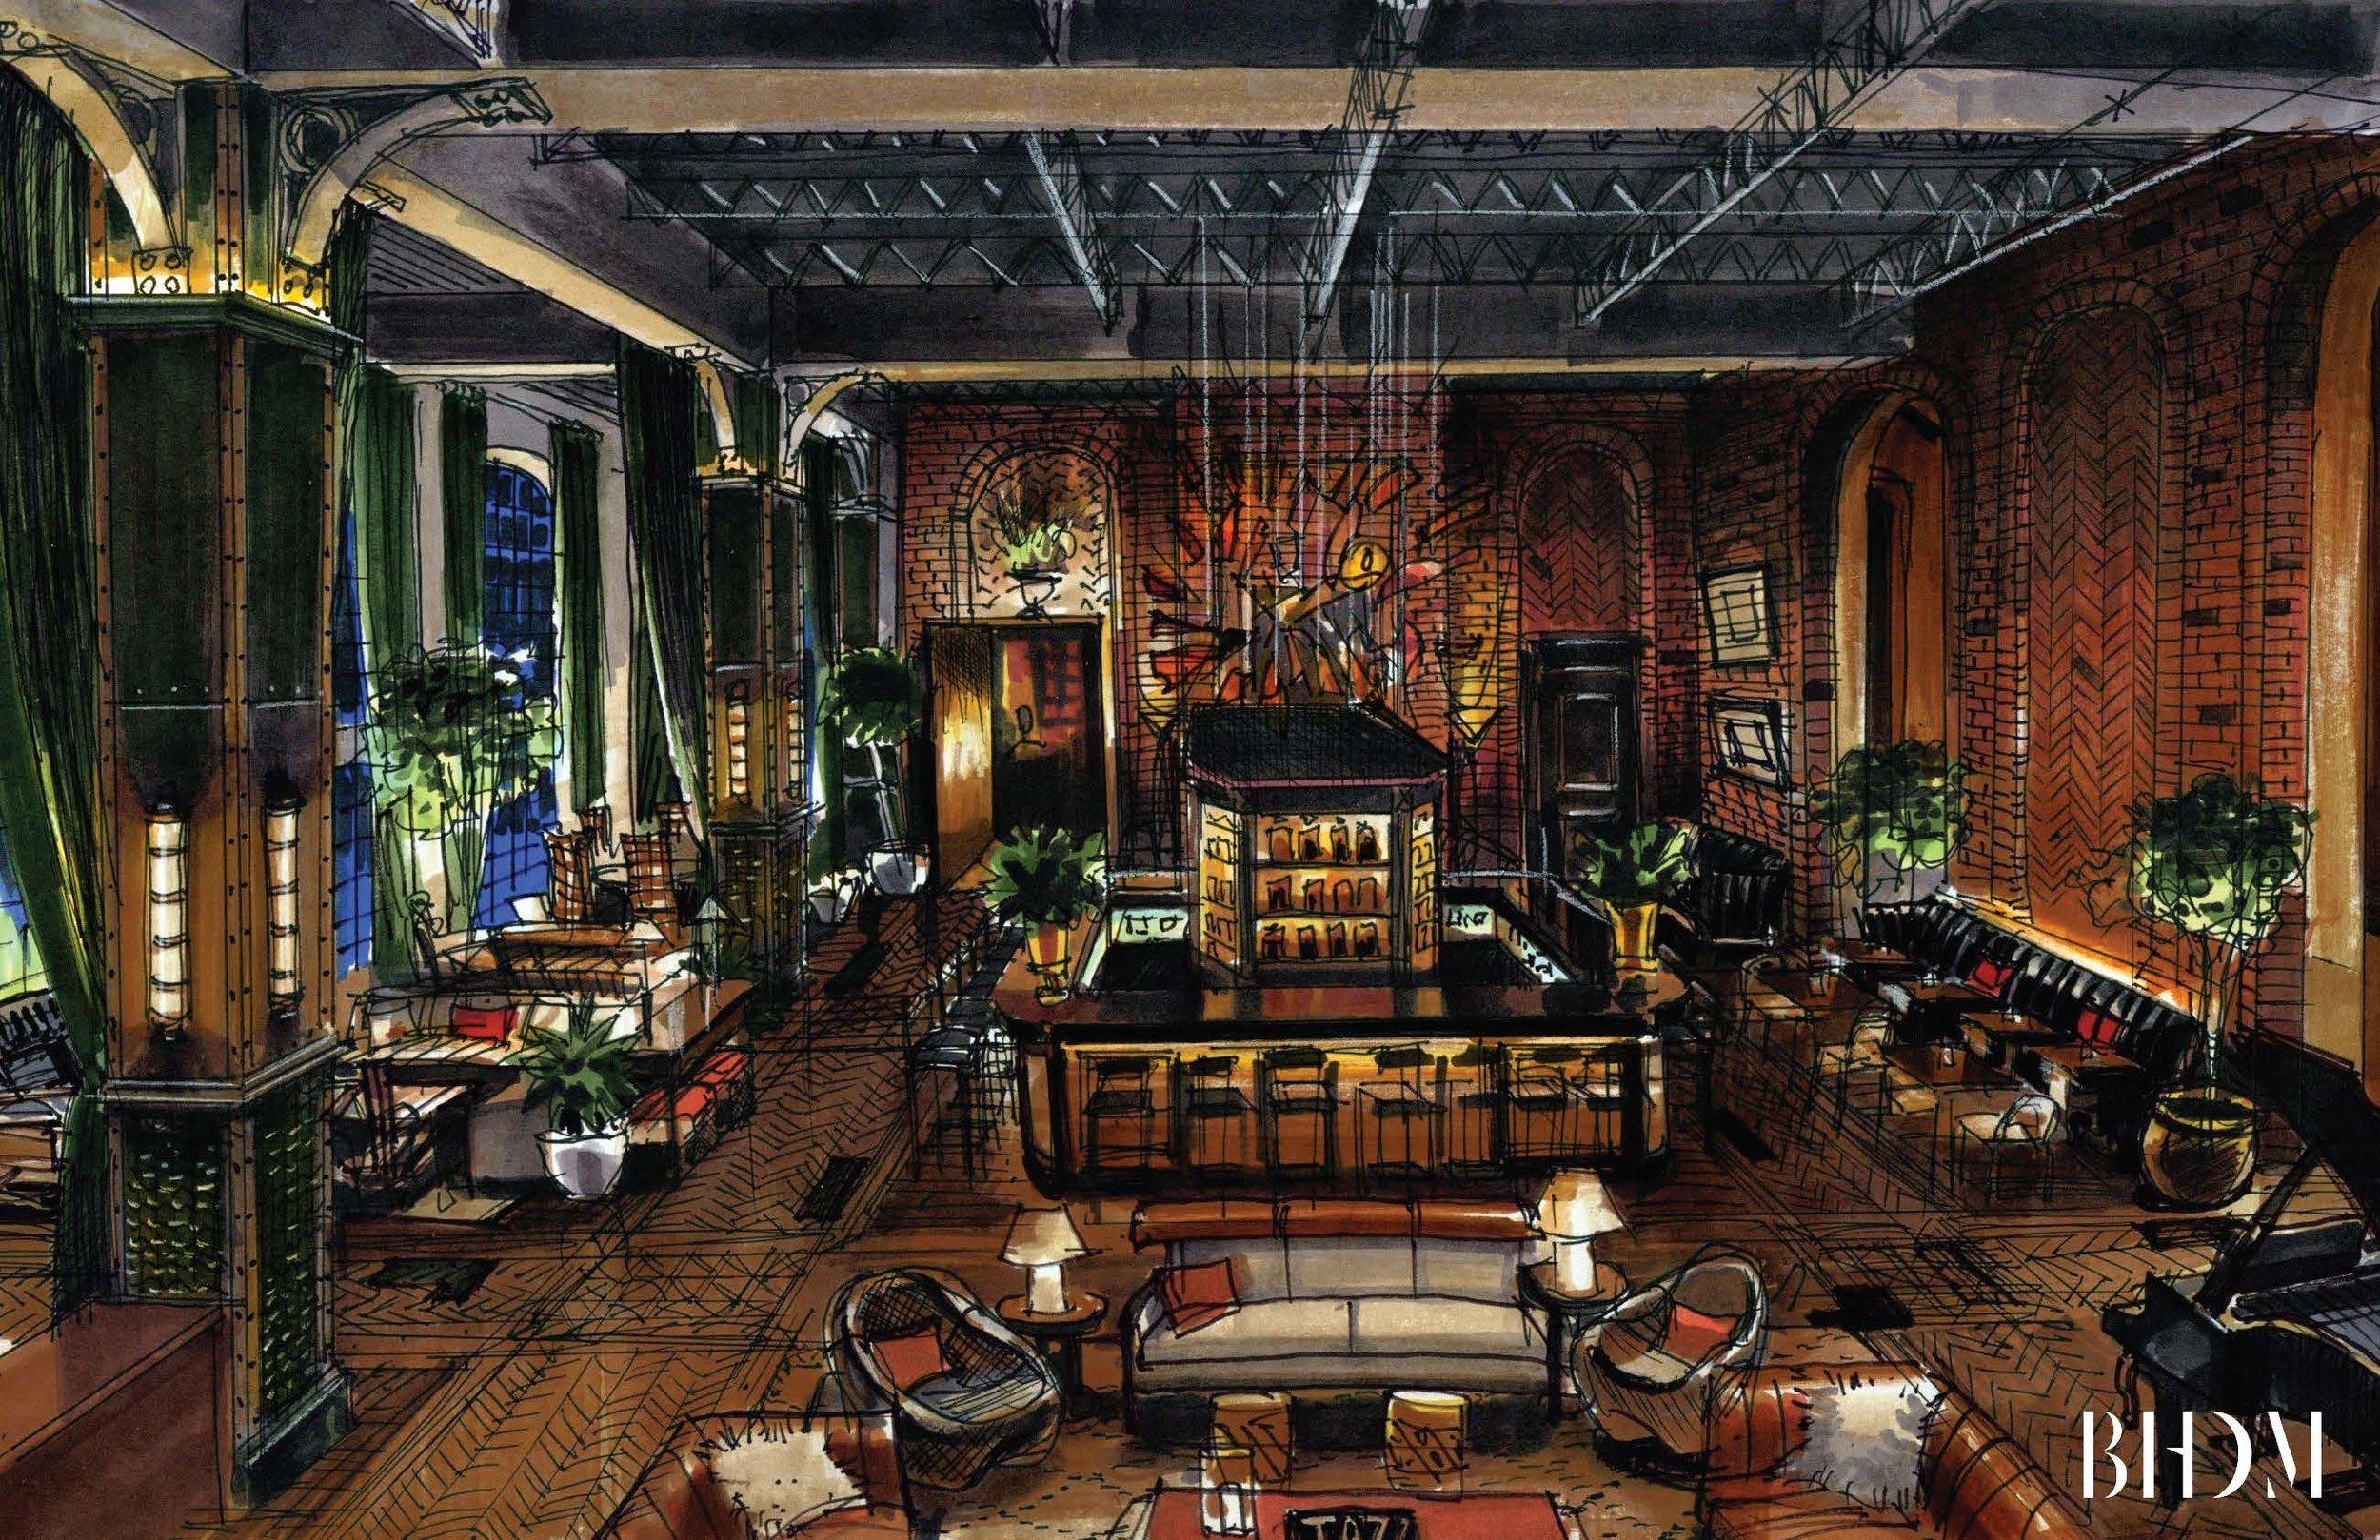 BHDM-BRIAN PAUL HOTEL-LIVING ROOM NIGHT RENDERING.jpg